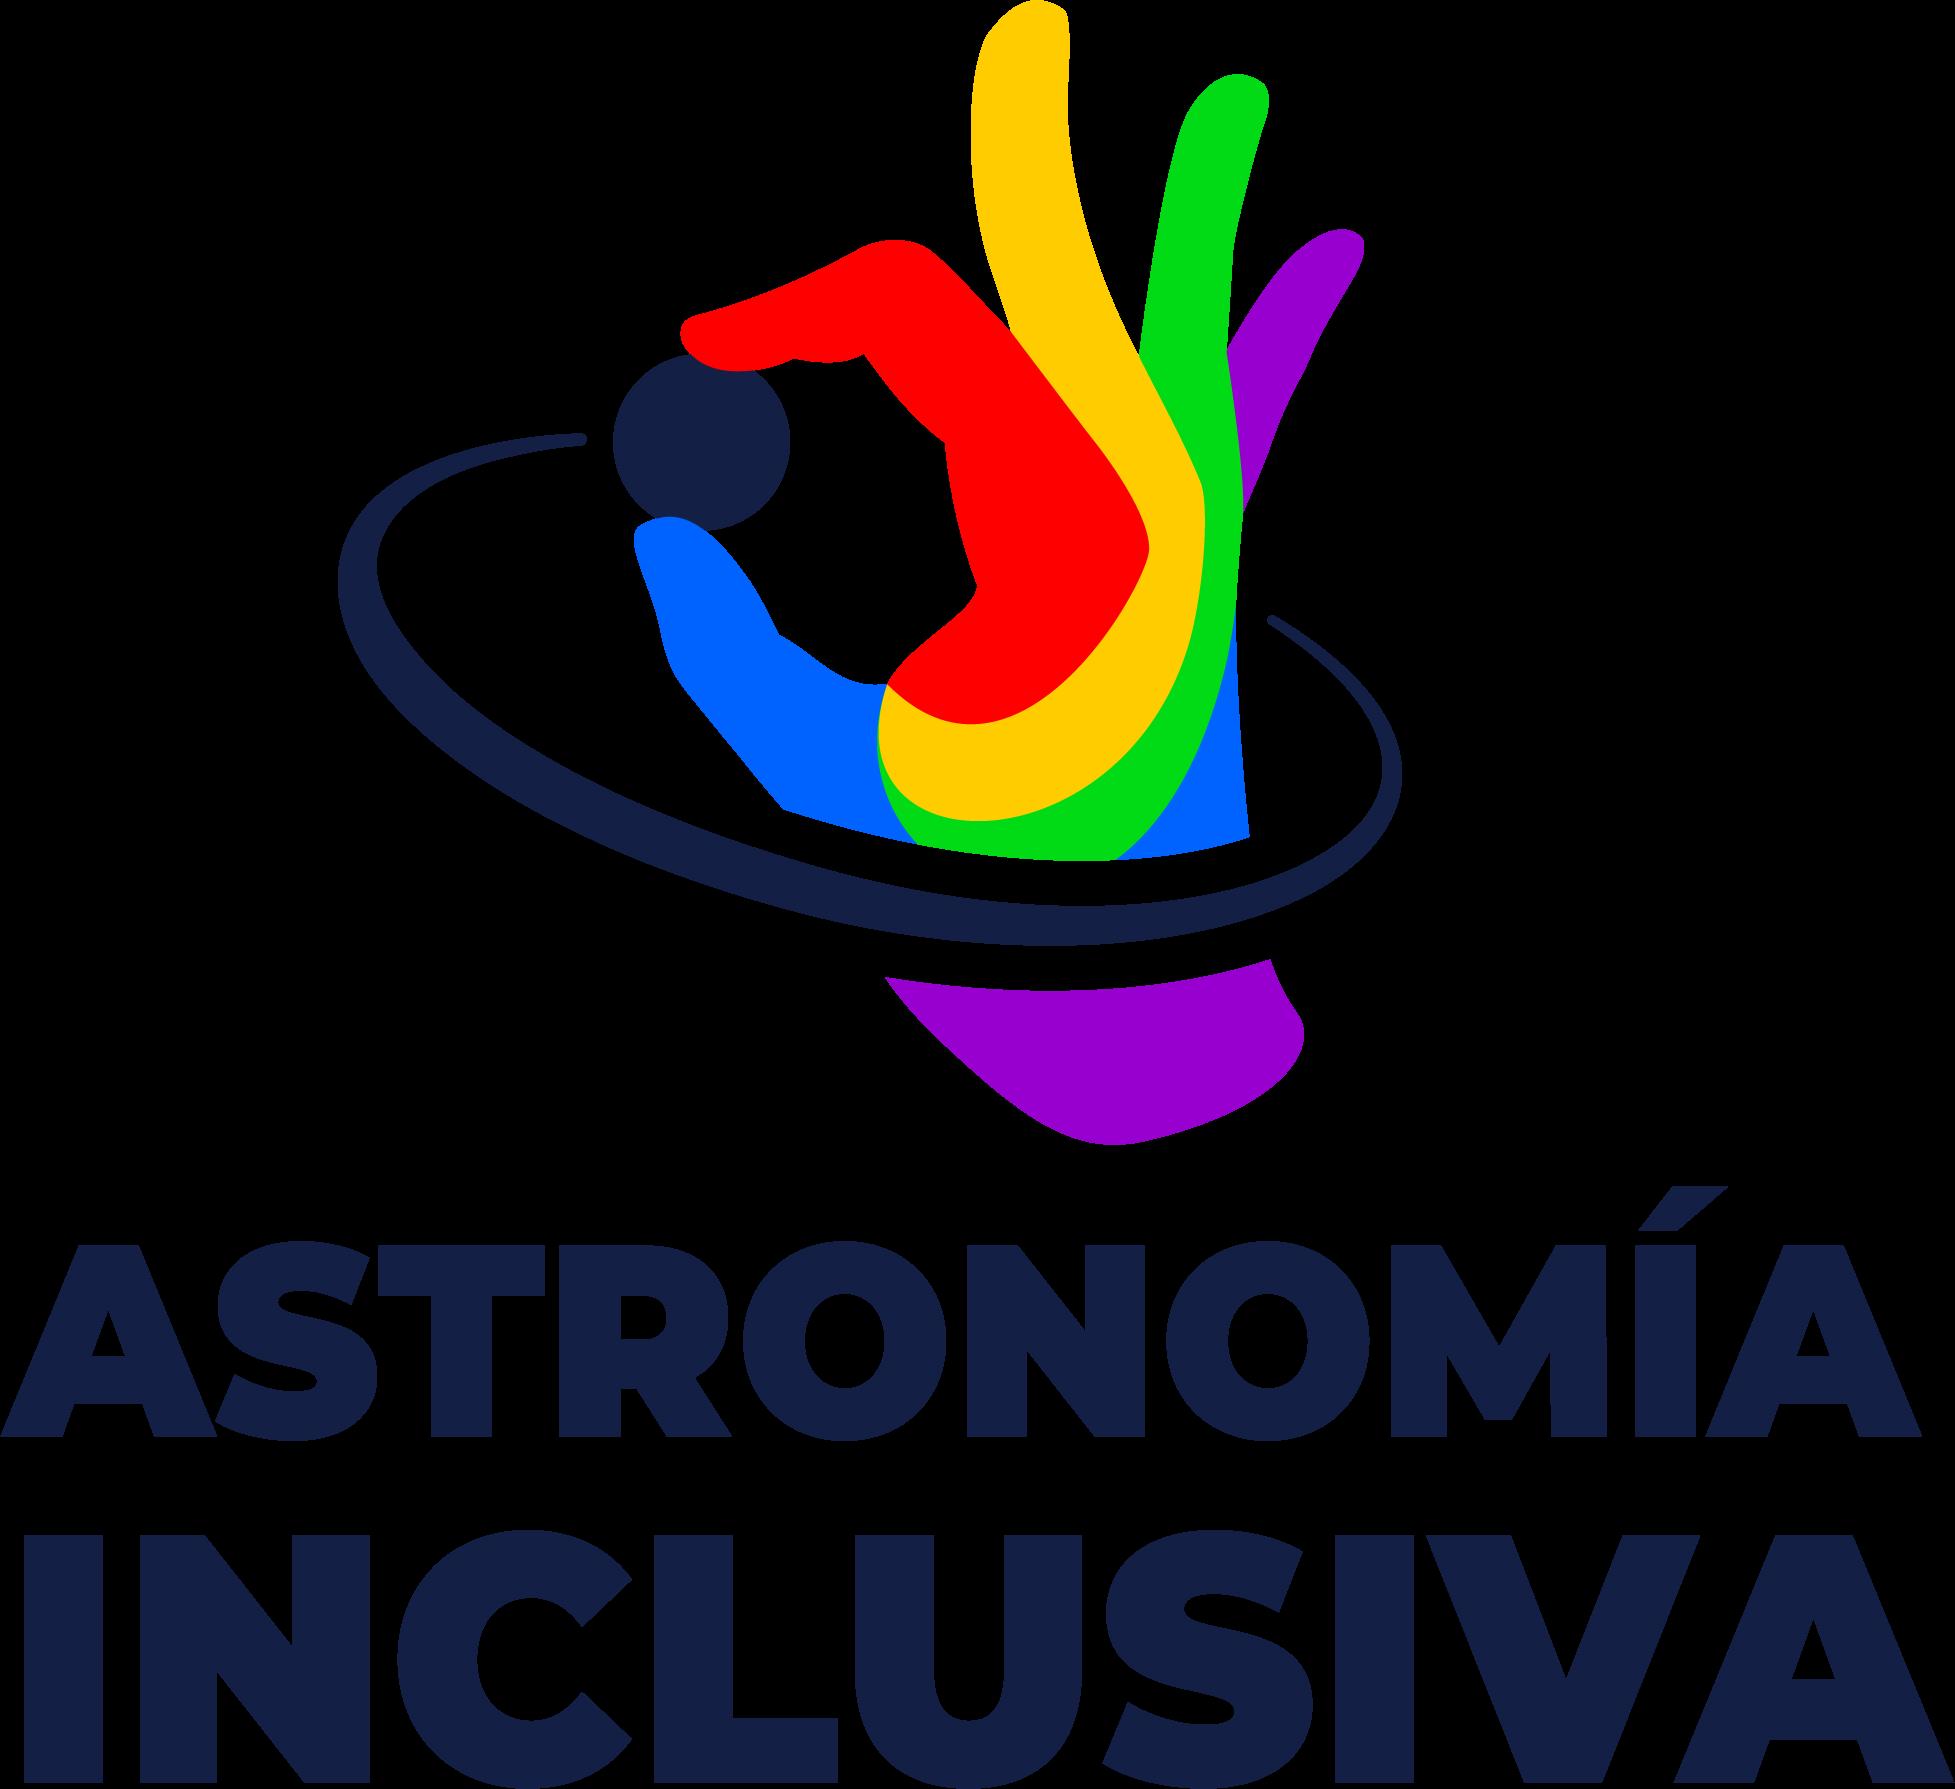 Logo que muestra una mano de colores tomando una esfera, la cual tiene una estela simulando la órbita de los planetas.